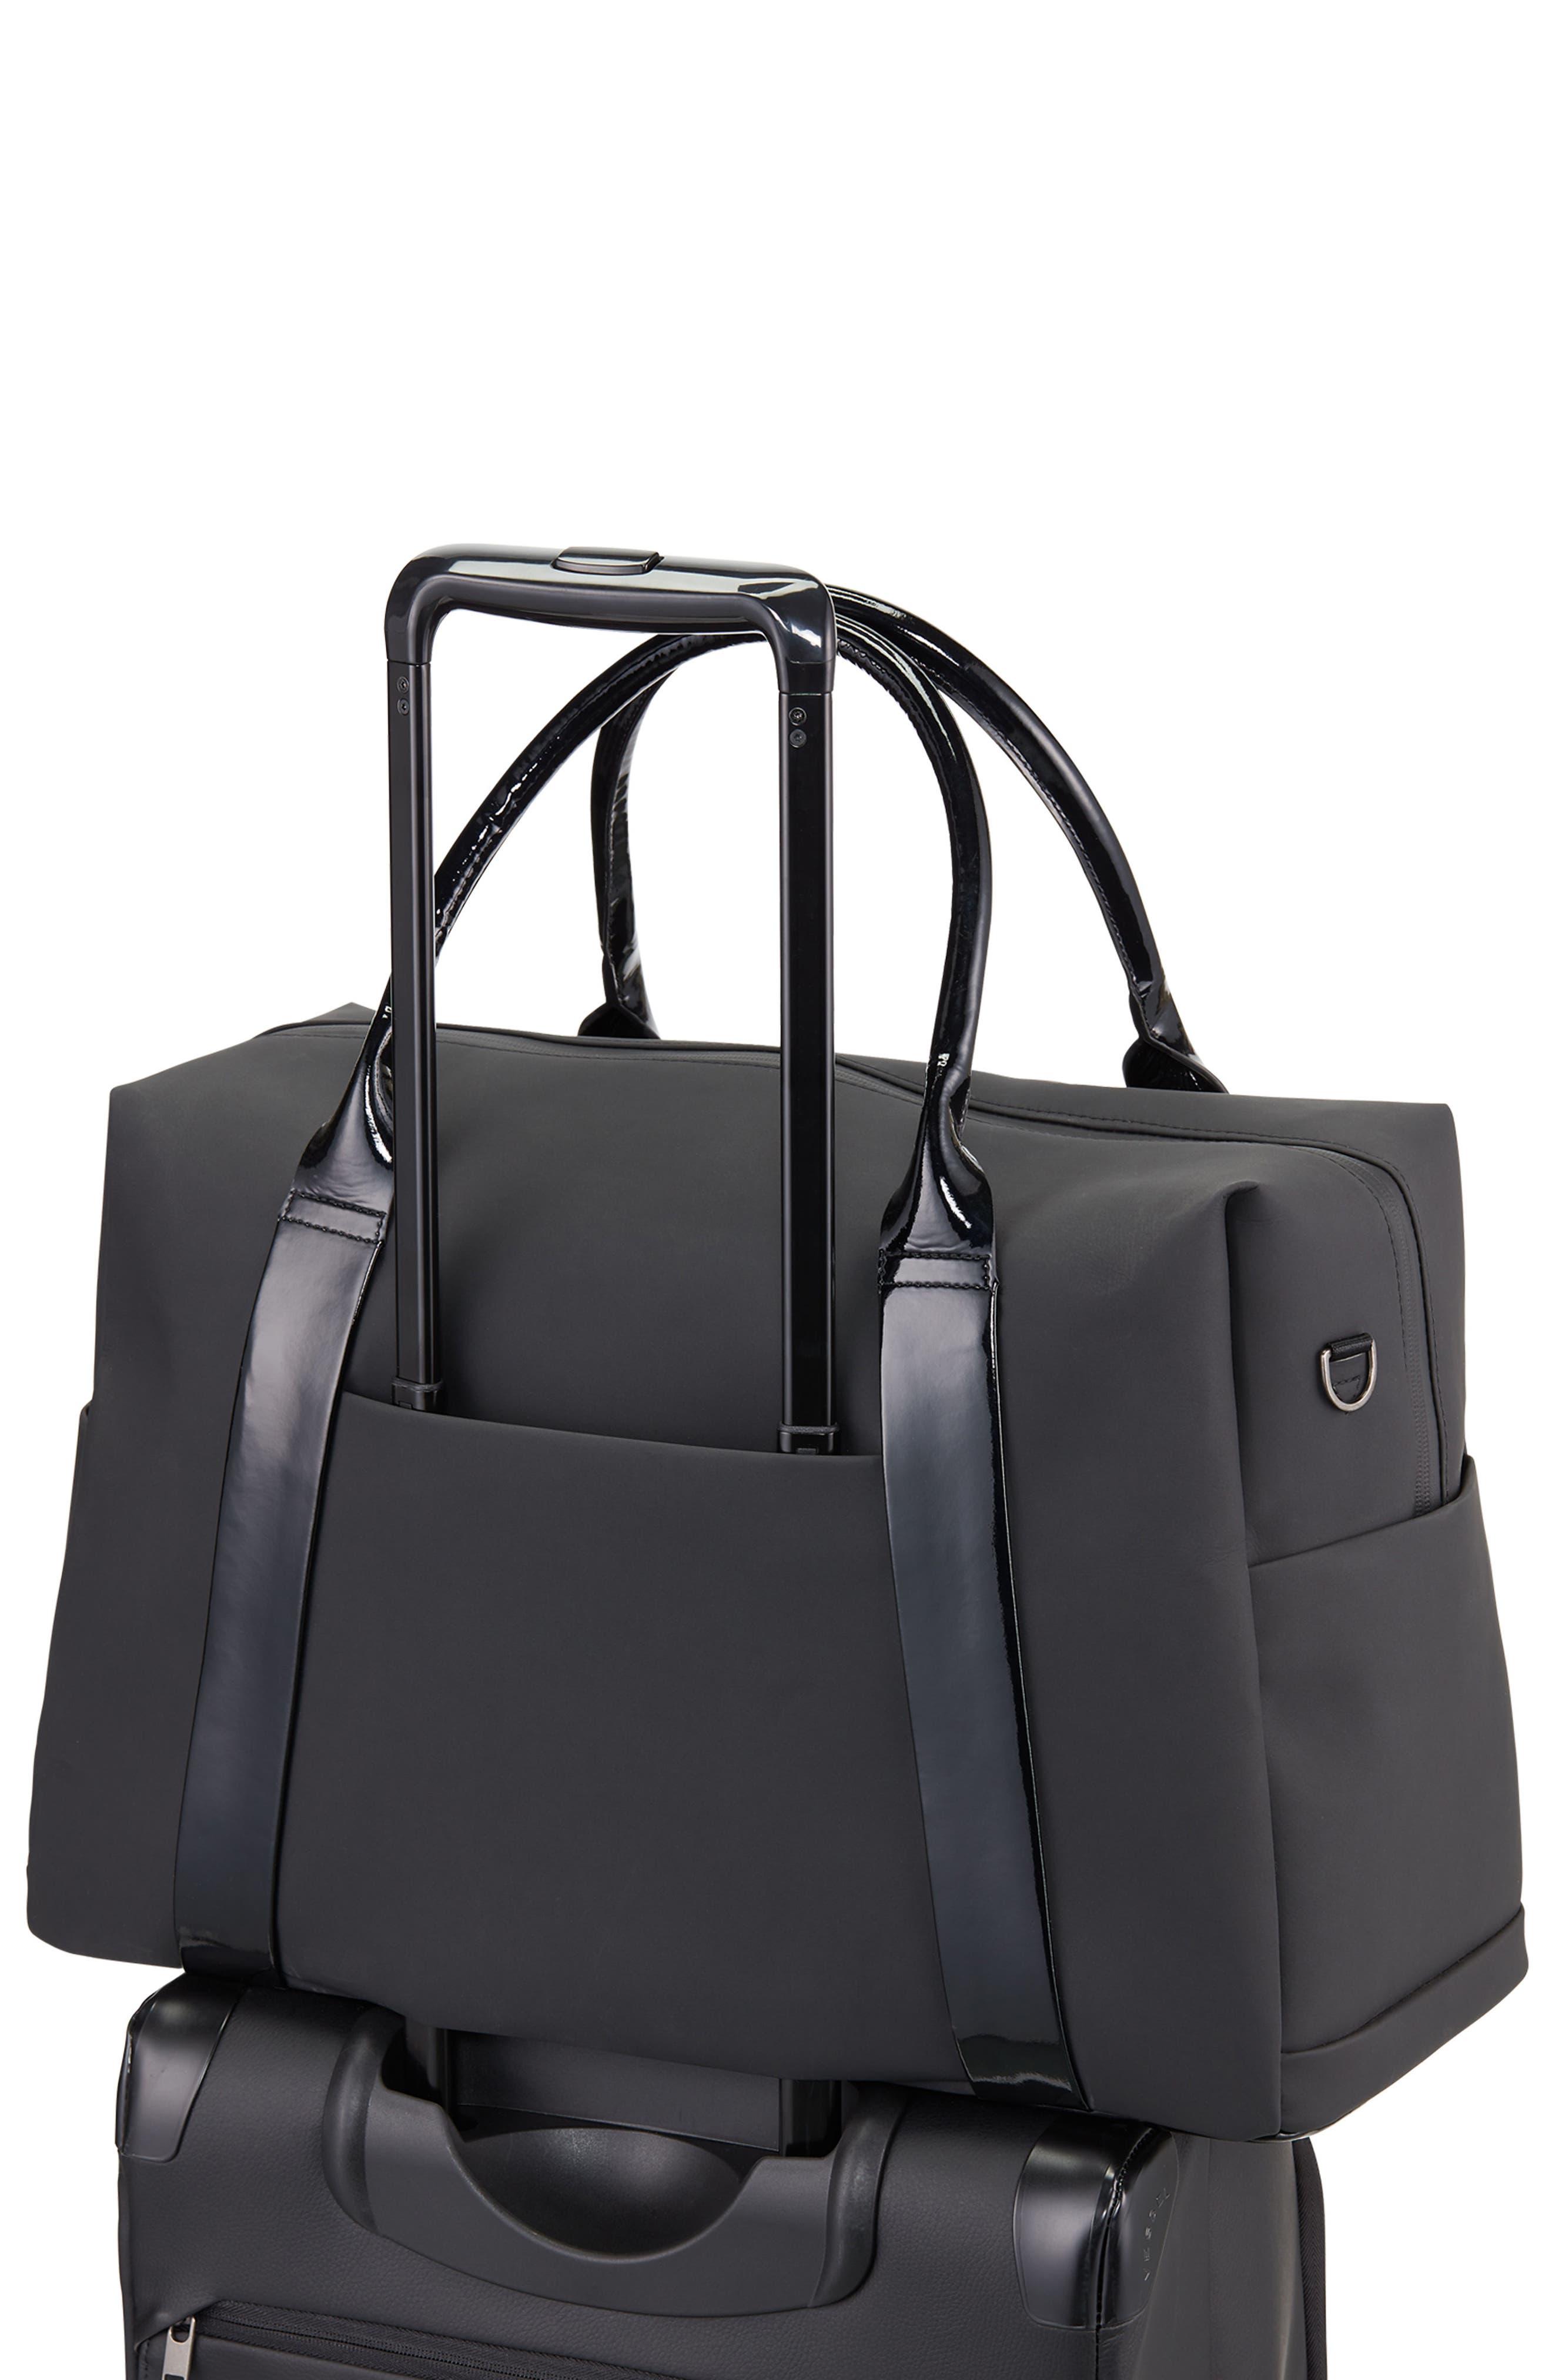 Signature 2.0 Faux Leather Duffel Bag,                             Alternate thumbnail 4, color,                             MATTE/ PATENT BLACK